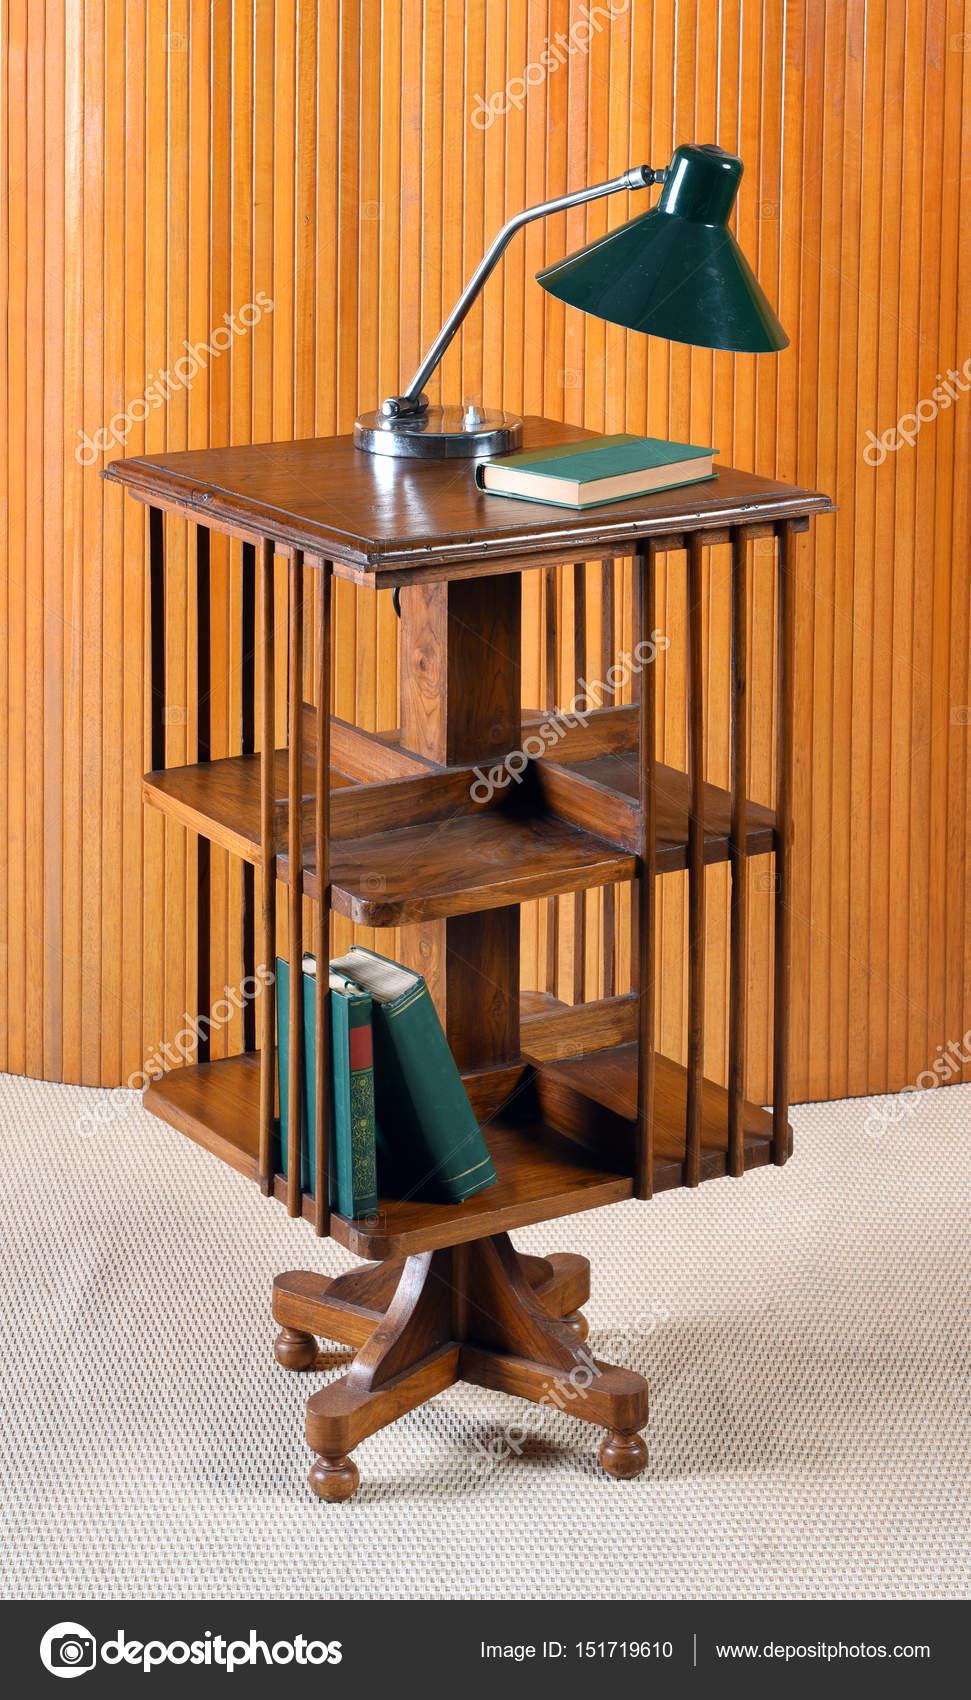 Boekenkastje Op Wieltjes.Kleine Mobiele Houten Boekenkast Op Wielen Stockfoto